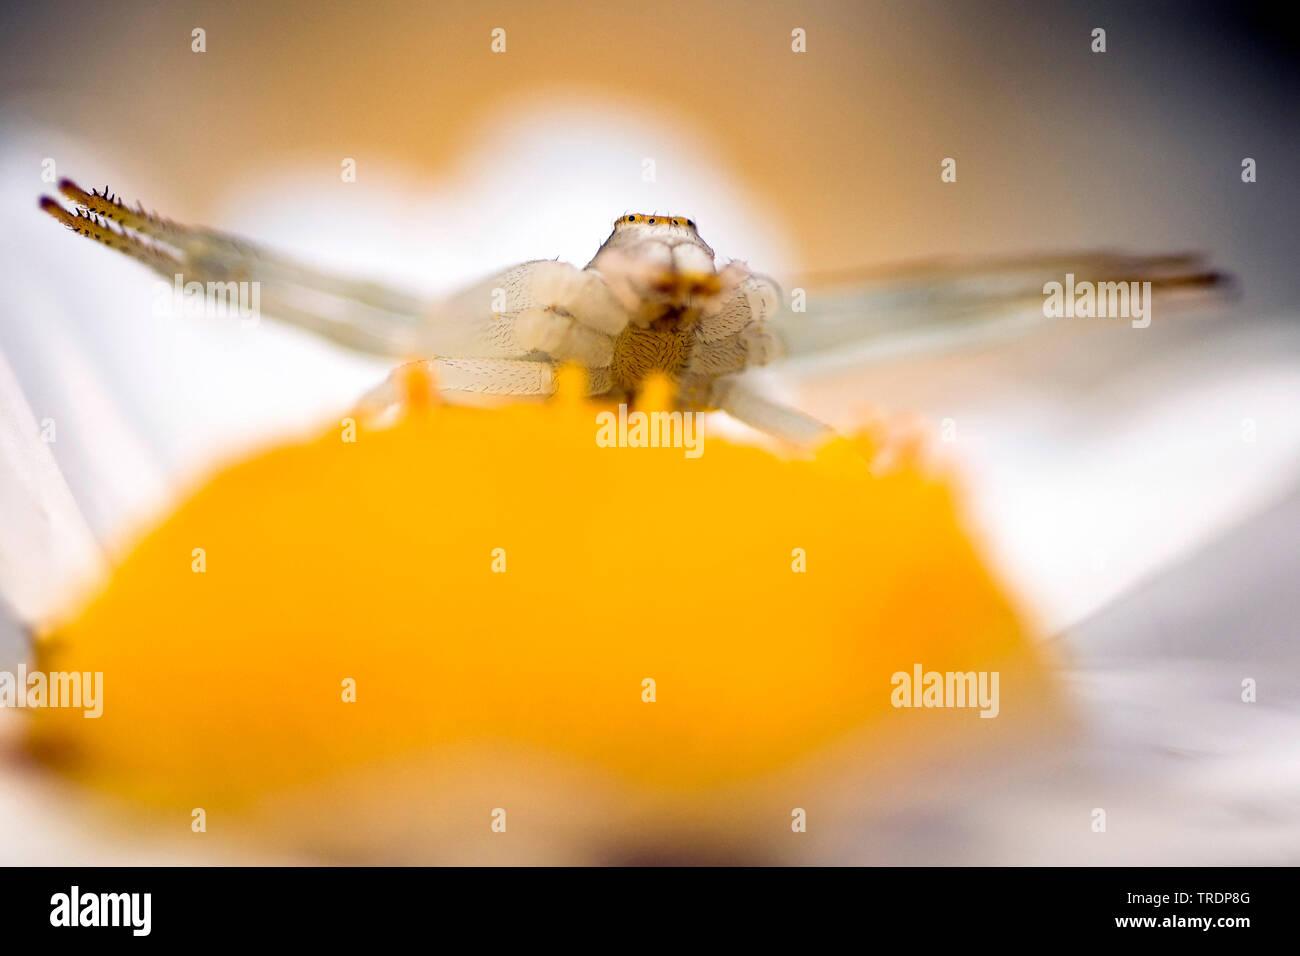 Veraenderliche Krabbenspinne, Veraenderliche Krabben-Spinne (Misumena vatia), lauert auf einer Margerite, Ungarn | goldenrod crab spider (Misumena vat - Stock Image